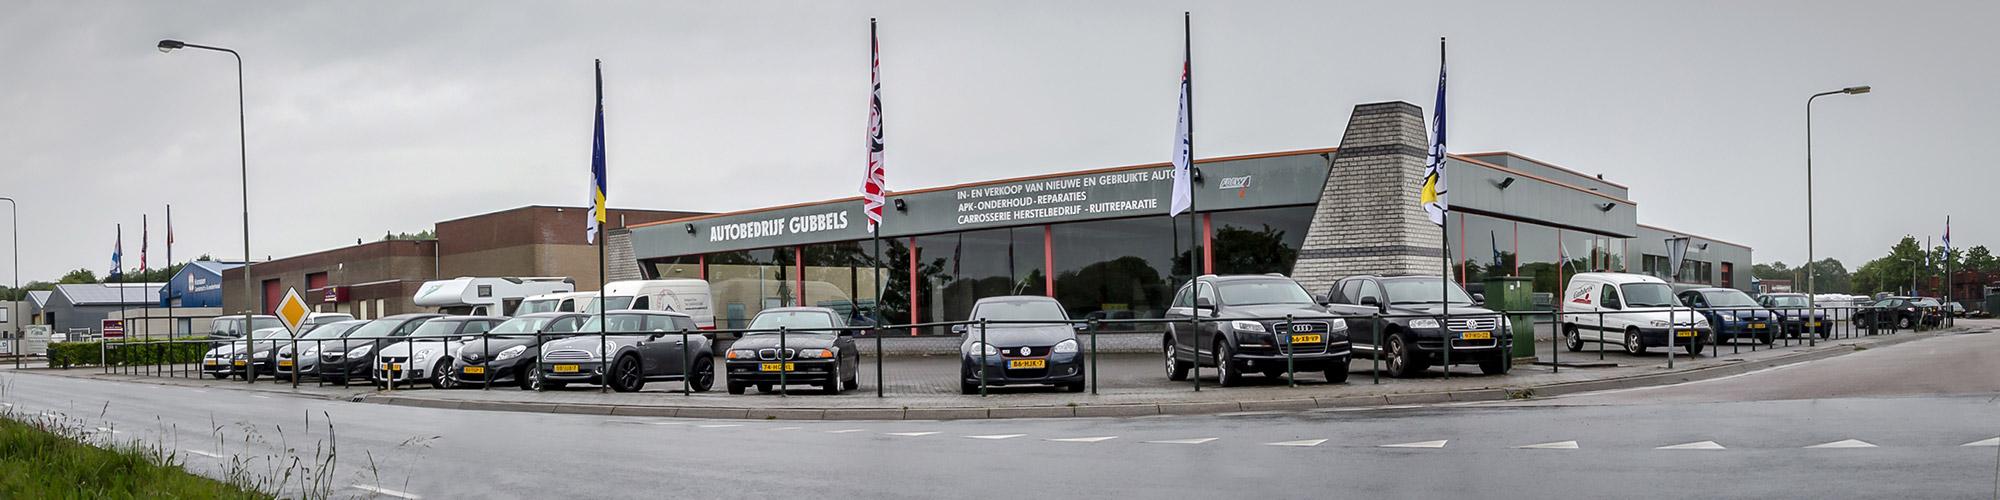 Autobedrijf Gubbels Kelpen pand